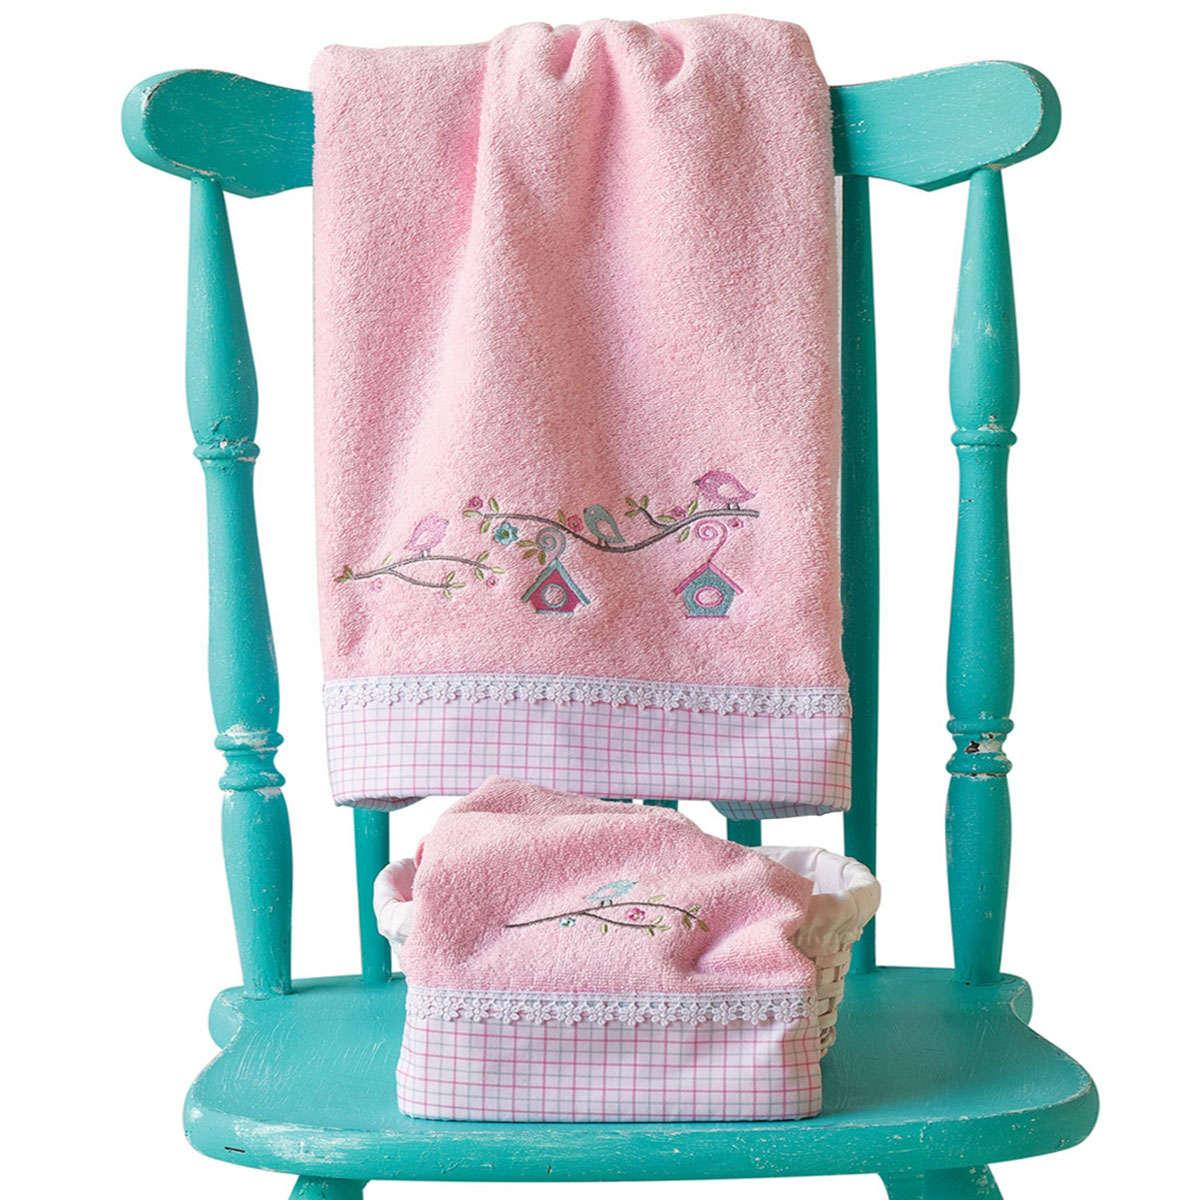 Βρεφικές Πετσέτες Σετ Nest Pink 2 Τεμ. Kentia Σετ Πετσέτες